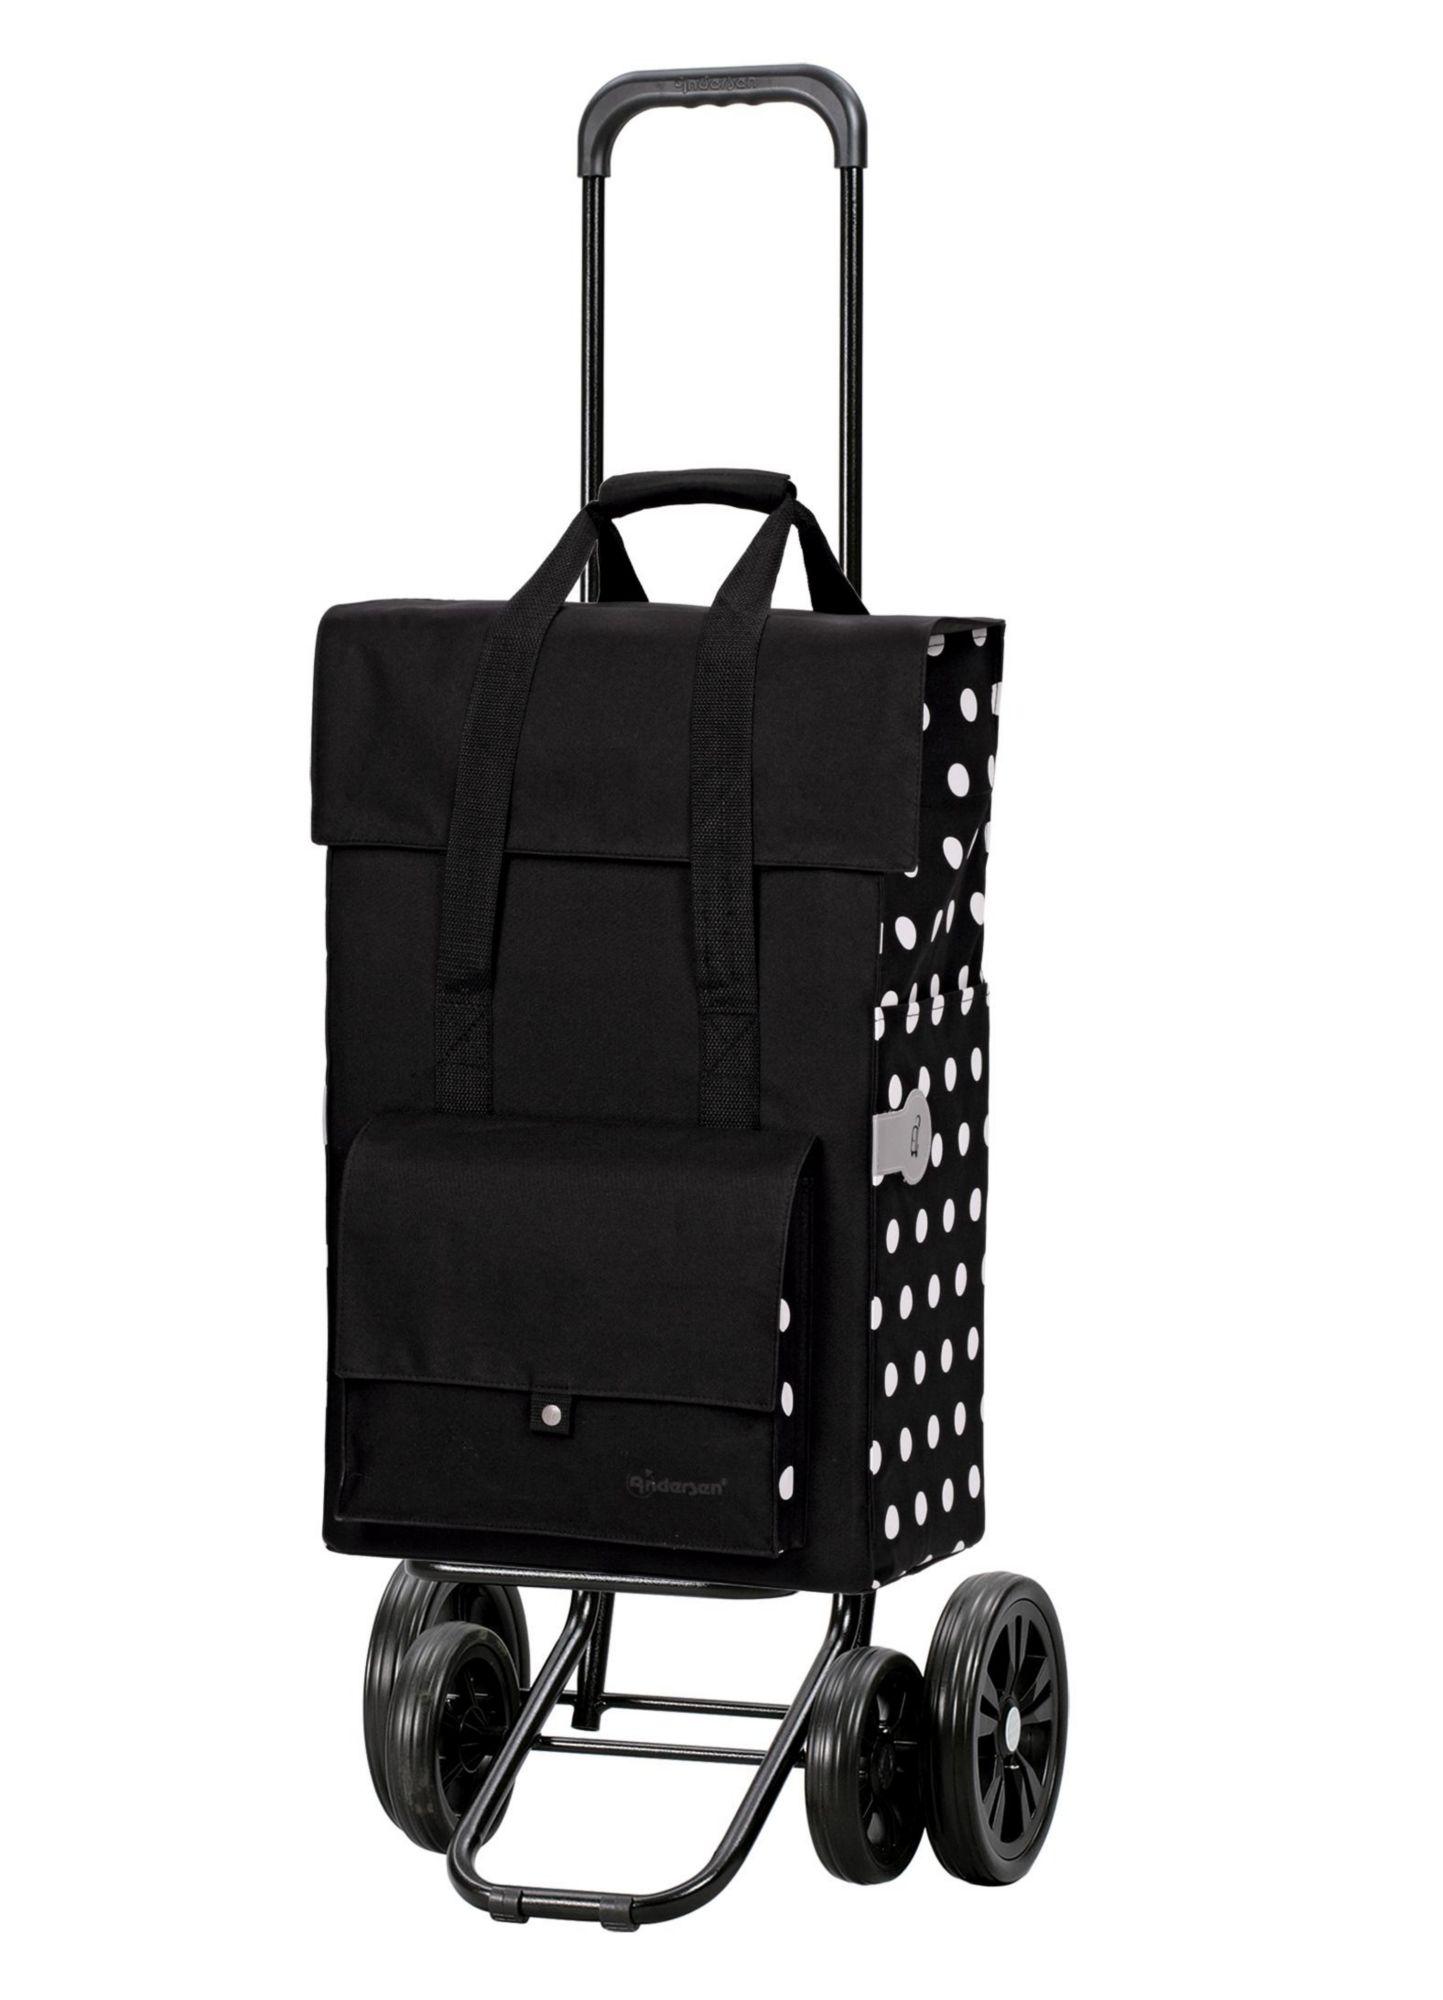 ANDERSEN Andersen Einkaufstrolley »Quattro Shopper« mit Alu Fahrgestell